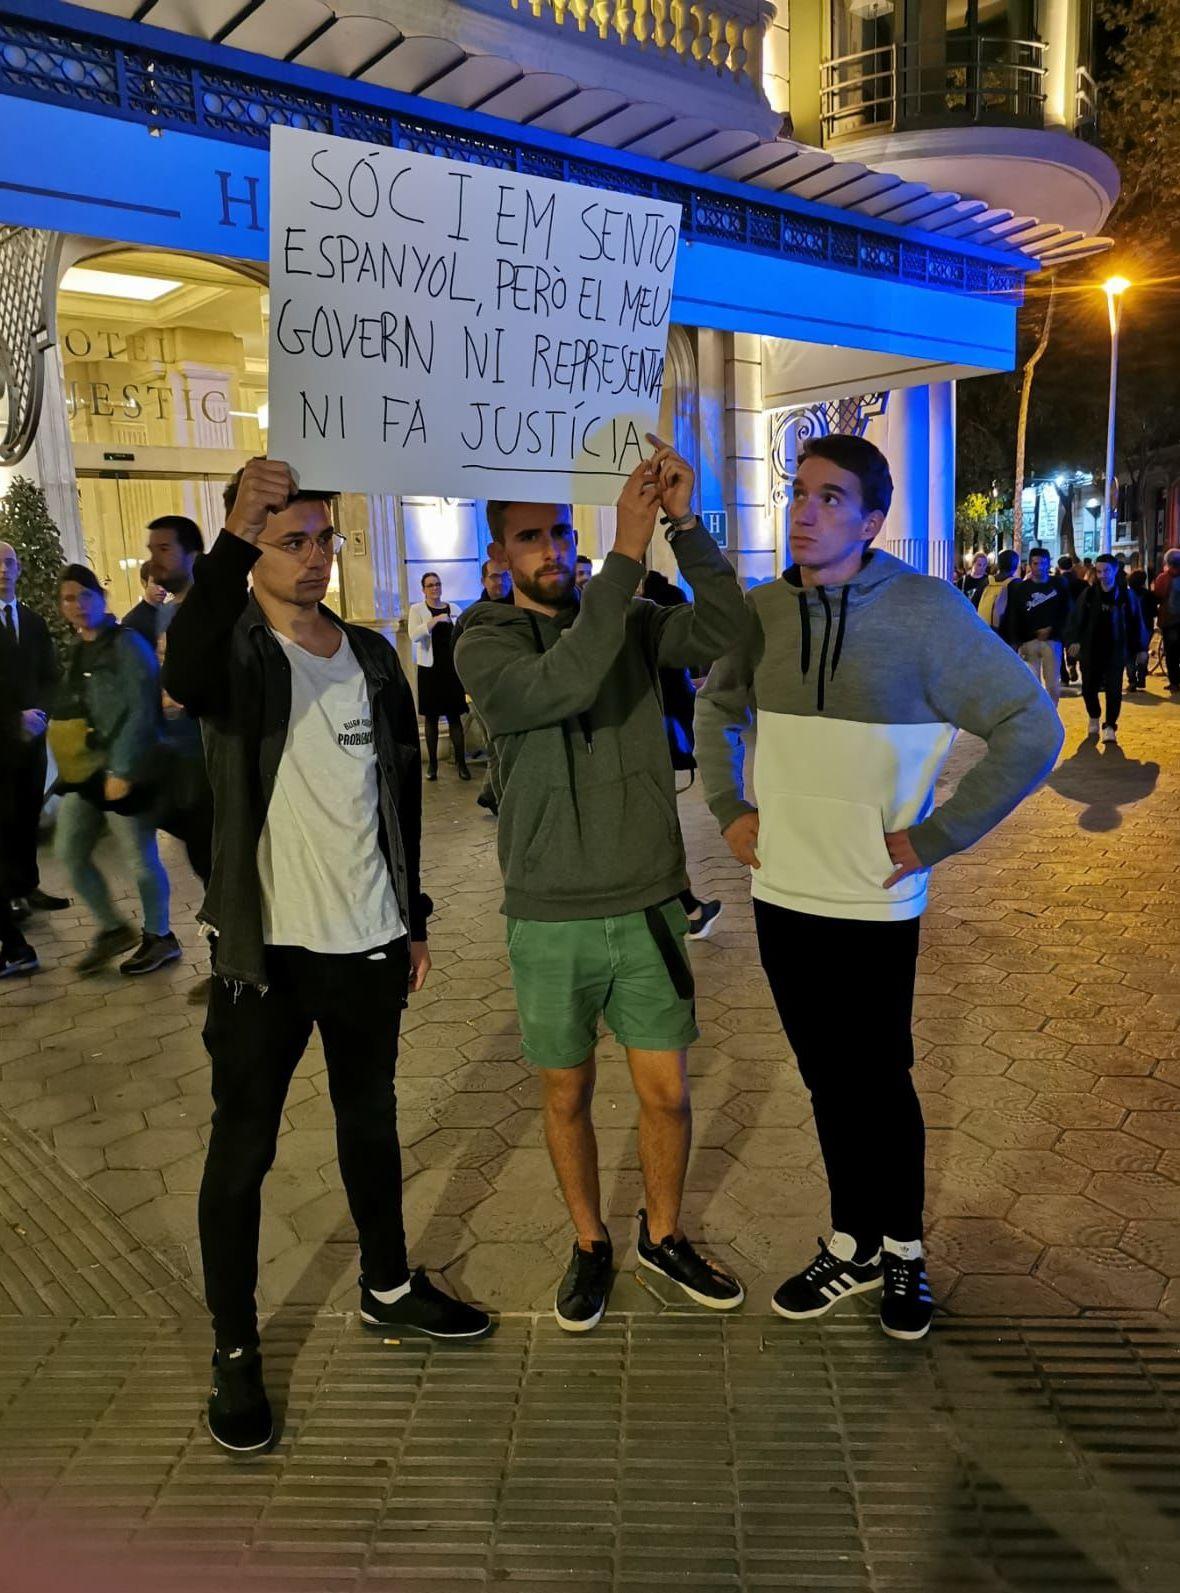 Sou espanhol e me sinto assim. Mas o governo não me representa e não advoga justiça, diz cartaz de manifestantes